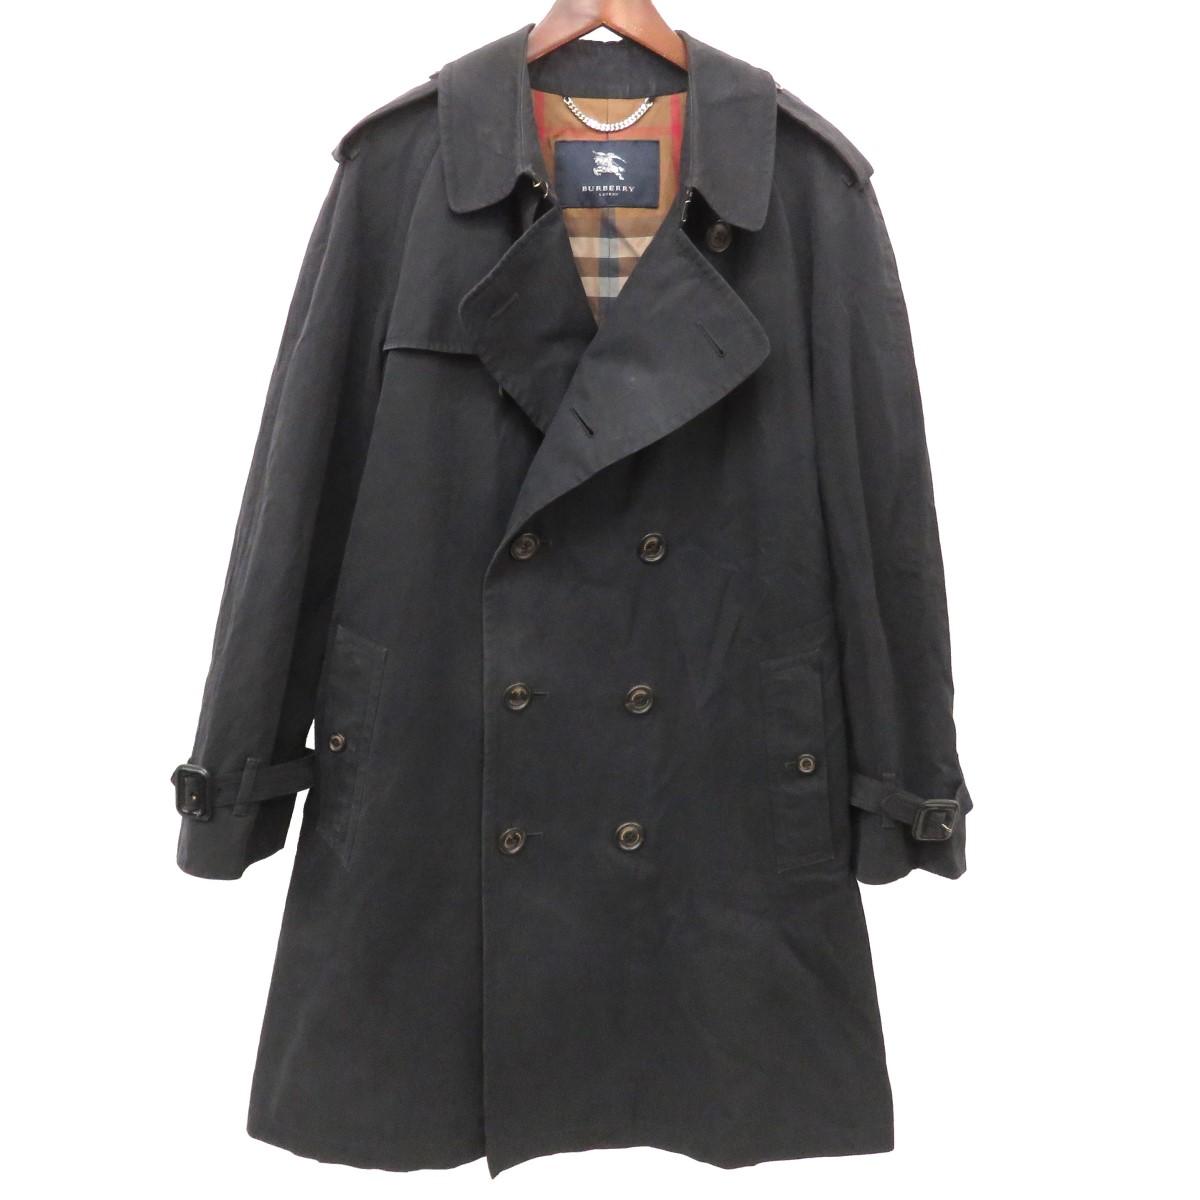 【中古】BURBERRY LONDON トレンチコート BBA45-500-29 ブラック サイズ:L 【030520】(バーバリーロンドン)